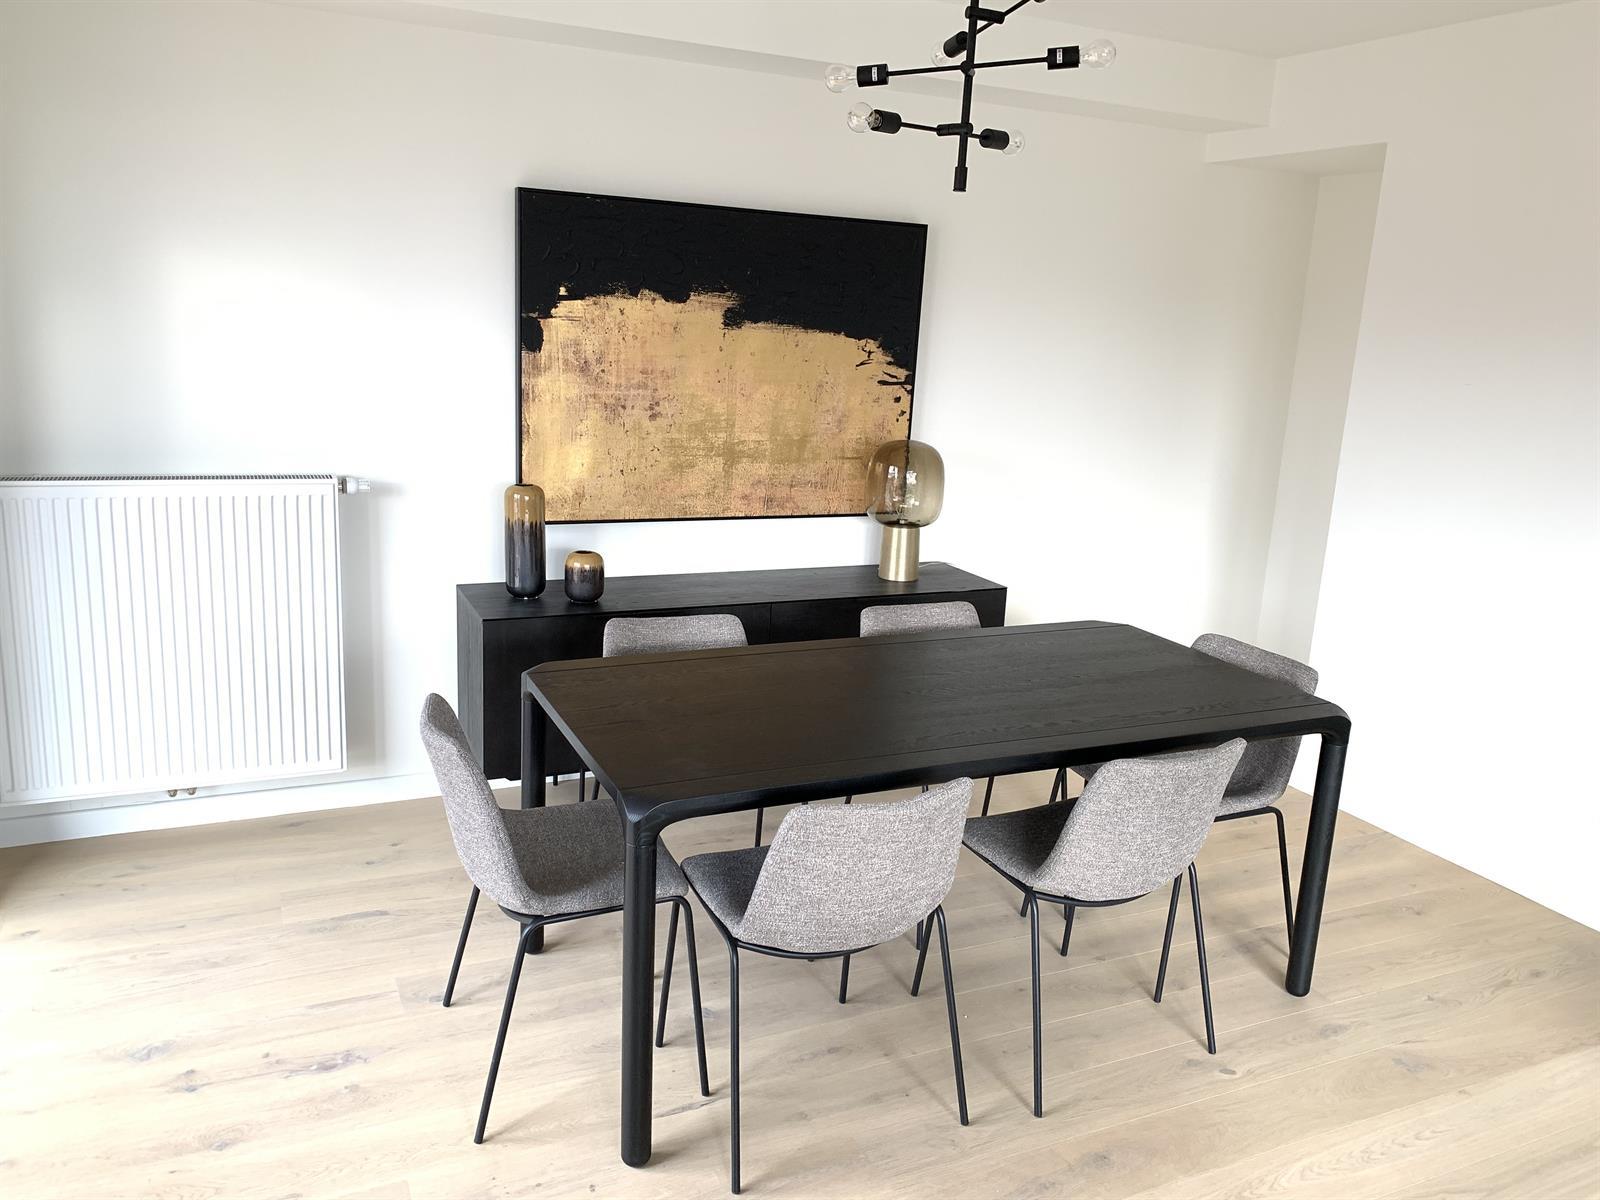 Appartement exceptionnel - Schaerbeek - #3964777-3